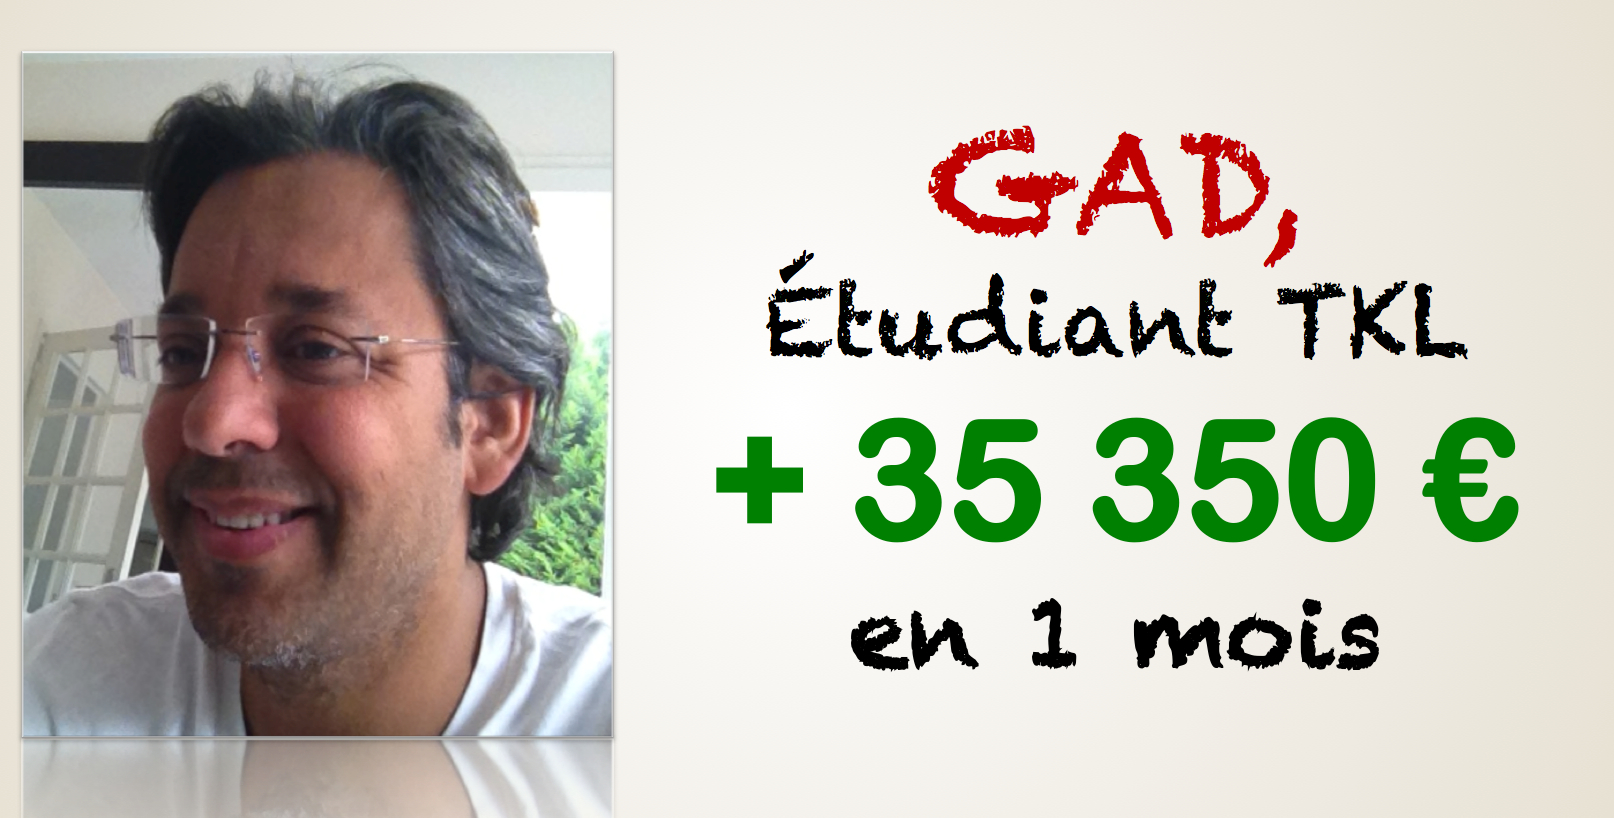 Gad + 35 350 € en 1 mois